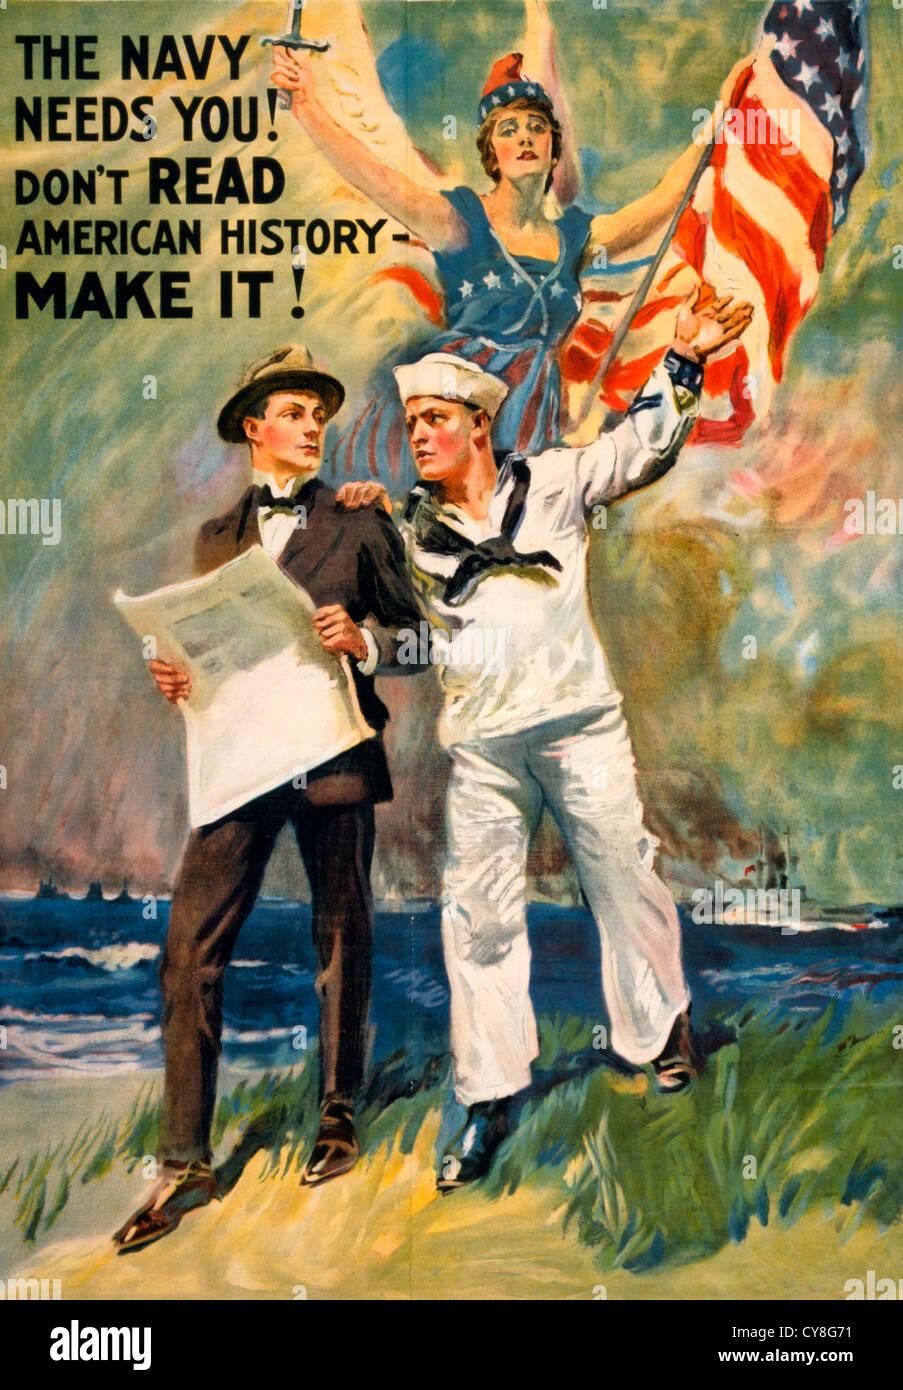 La Marine a besoin de vous! Ne lisez pas l'histoire américaine - le faire! La première Photo Stock